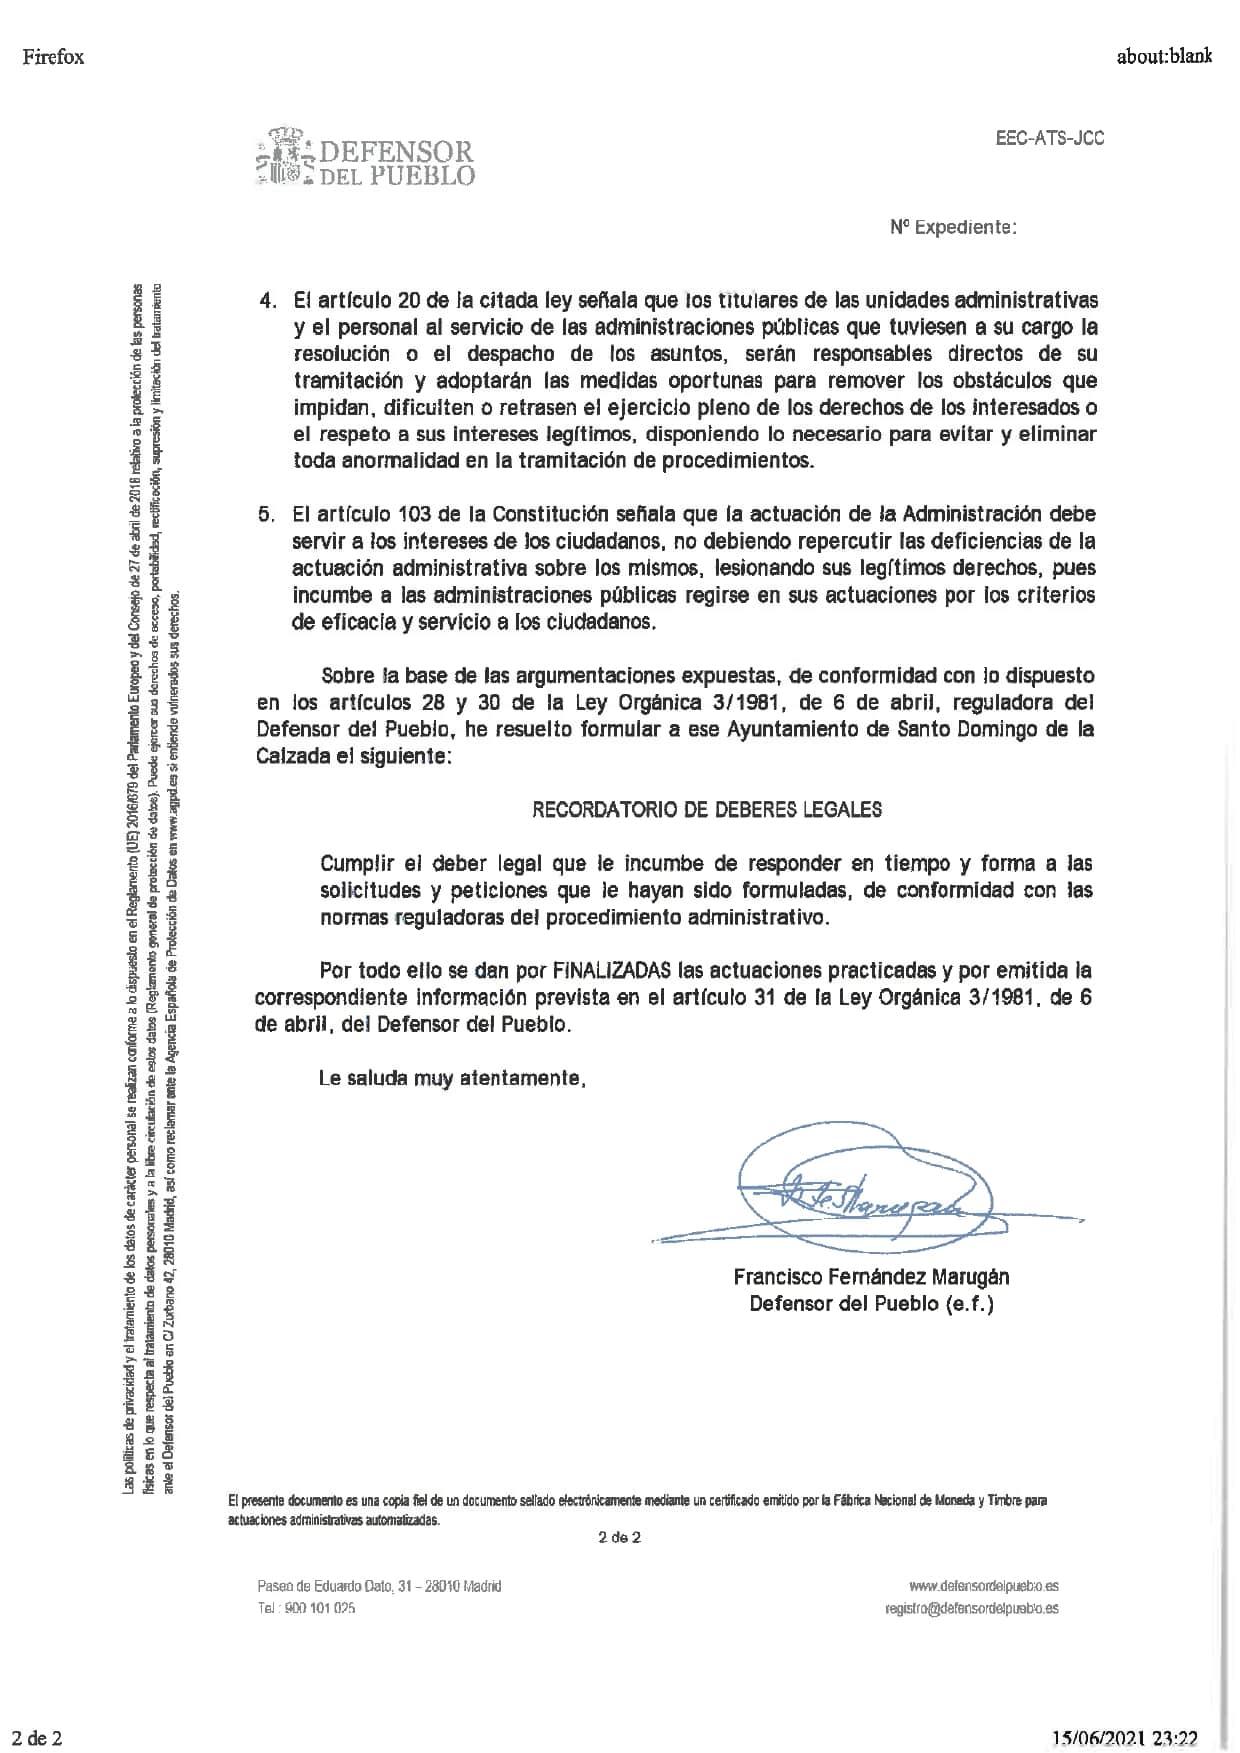 """El Defensor del Pueblo """"castiga"""" la gestión del Ayuntamiento de Santo Domingo 2"""